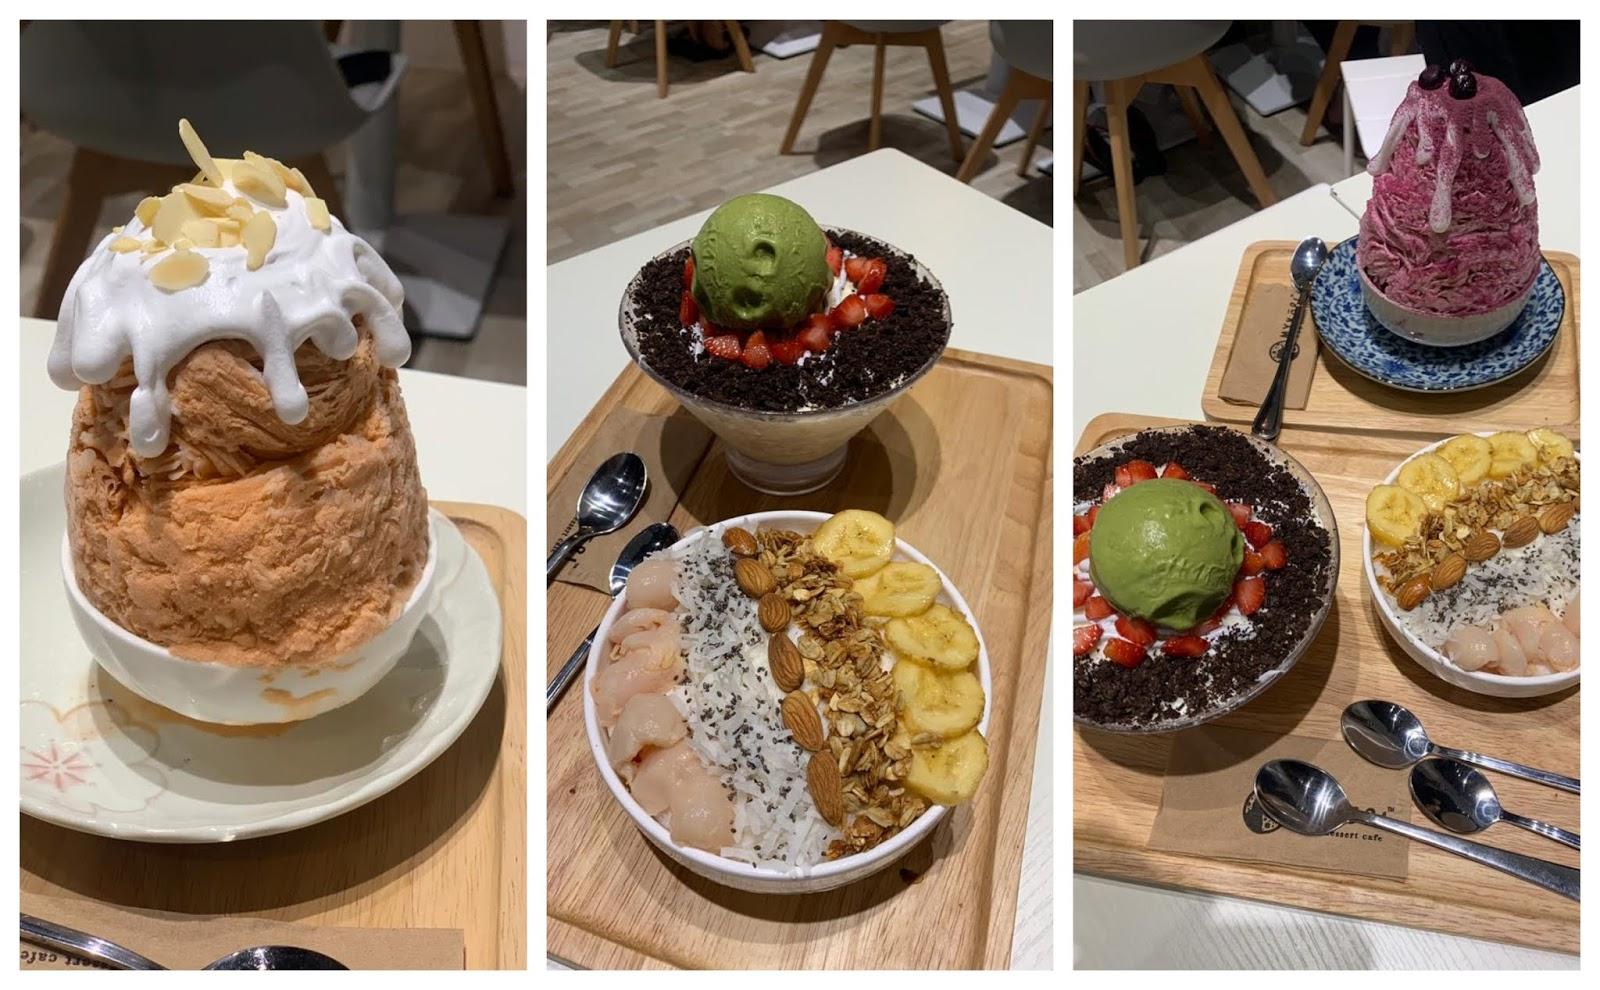 MyKori Dessert Cafe Kulim: Lokasi Wajib Datang Penggemar Dessert!